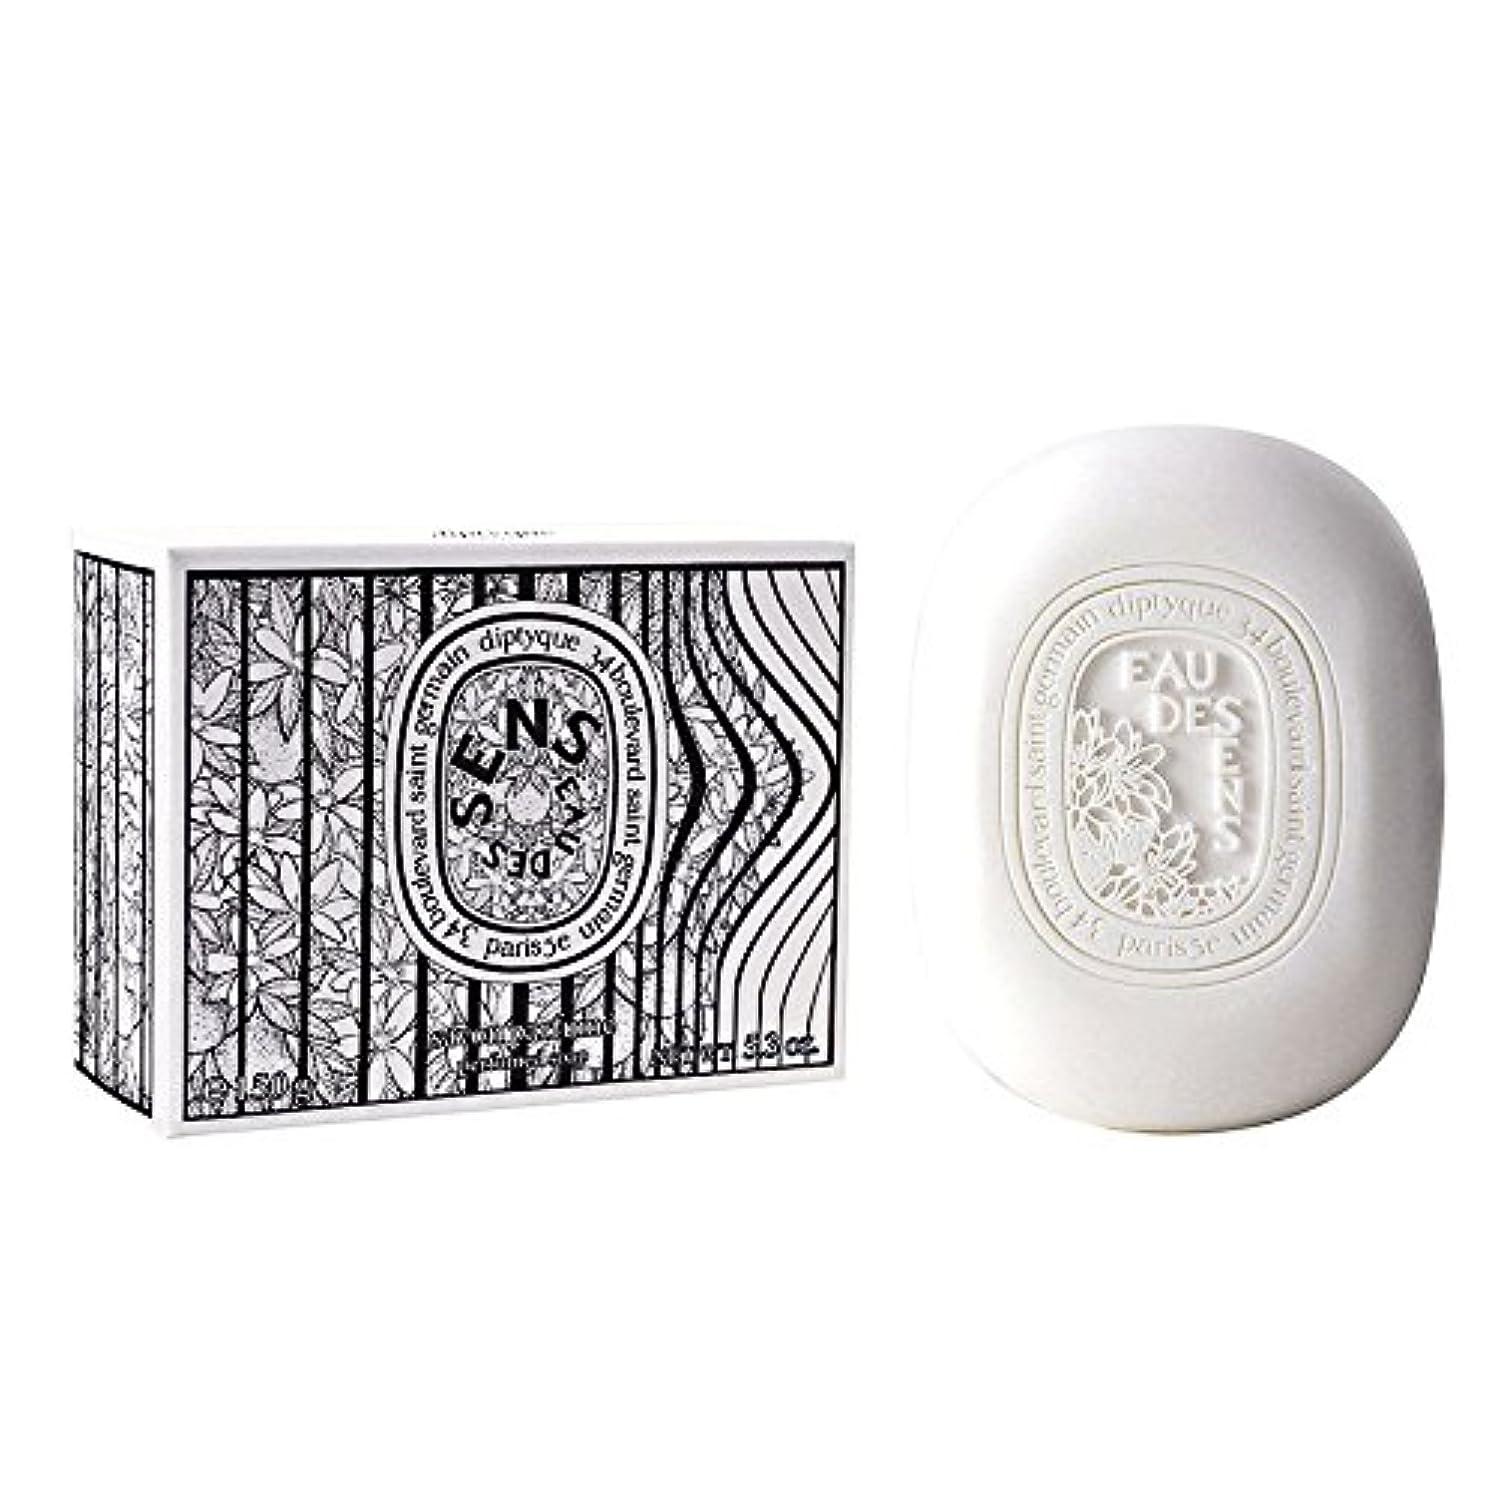 まっすぐにする暗黙巻き戻すDiptyque Eau Des Sens (ディプティック オー デ センス) 150g Soap (石けん) for Women